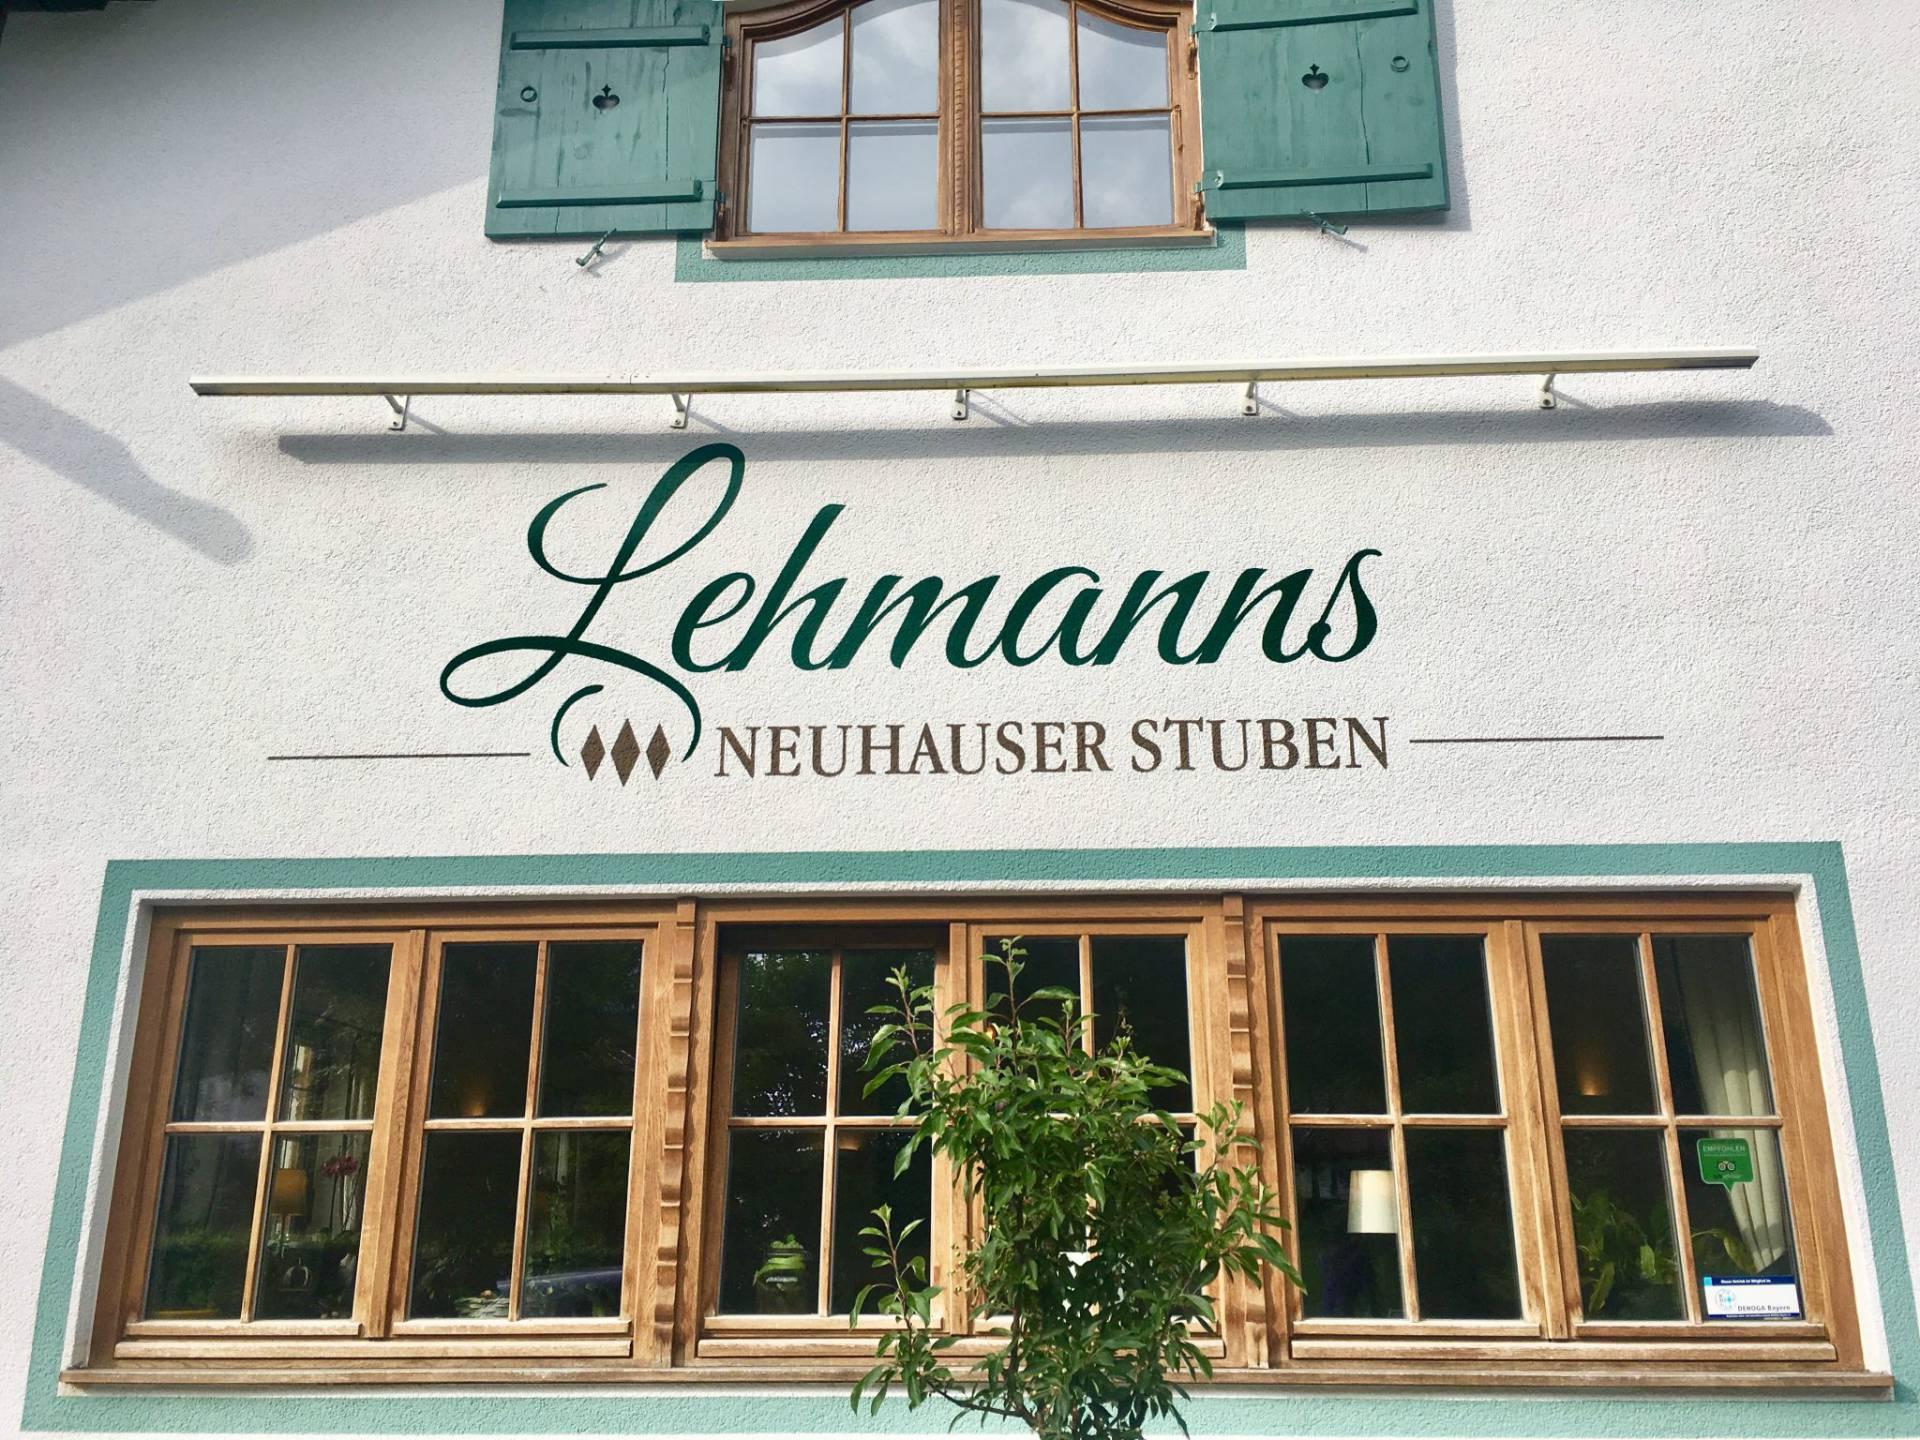 Lehmanns NeuhauserStuben, Schliersee